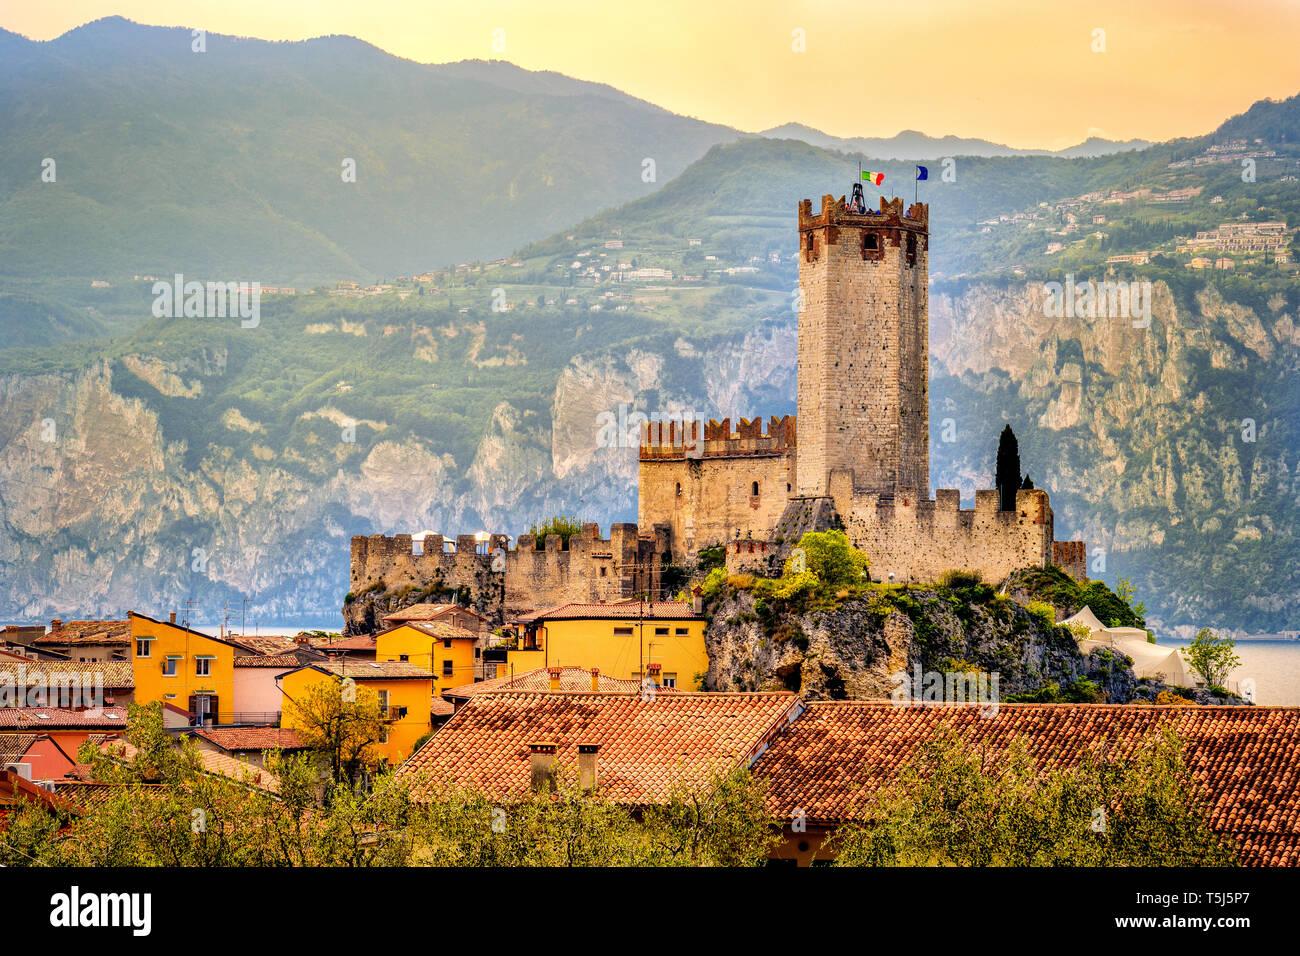 Village italien malcesine ville paisible et le château sur le lac de Garde romantique coucher de soleil pittoresque au bord de l'idyllique Banque D'Images